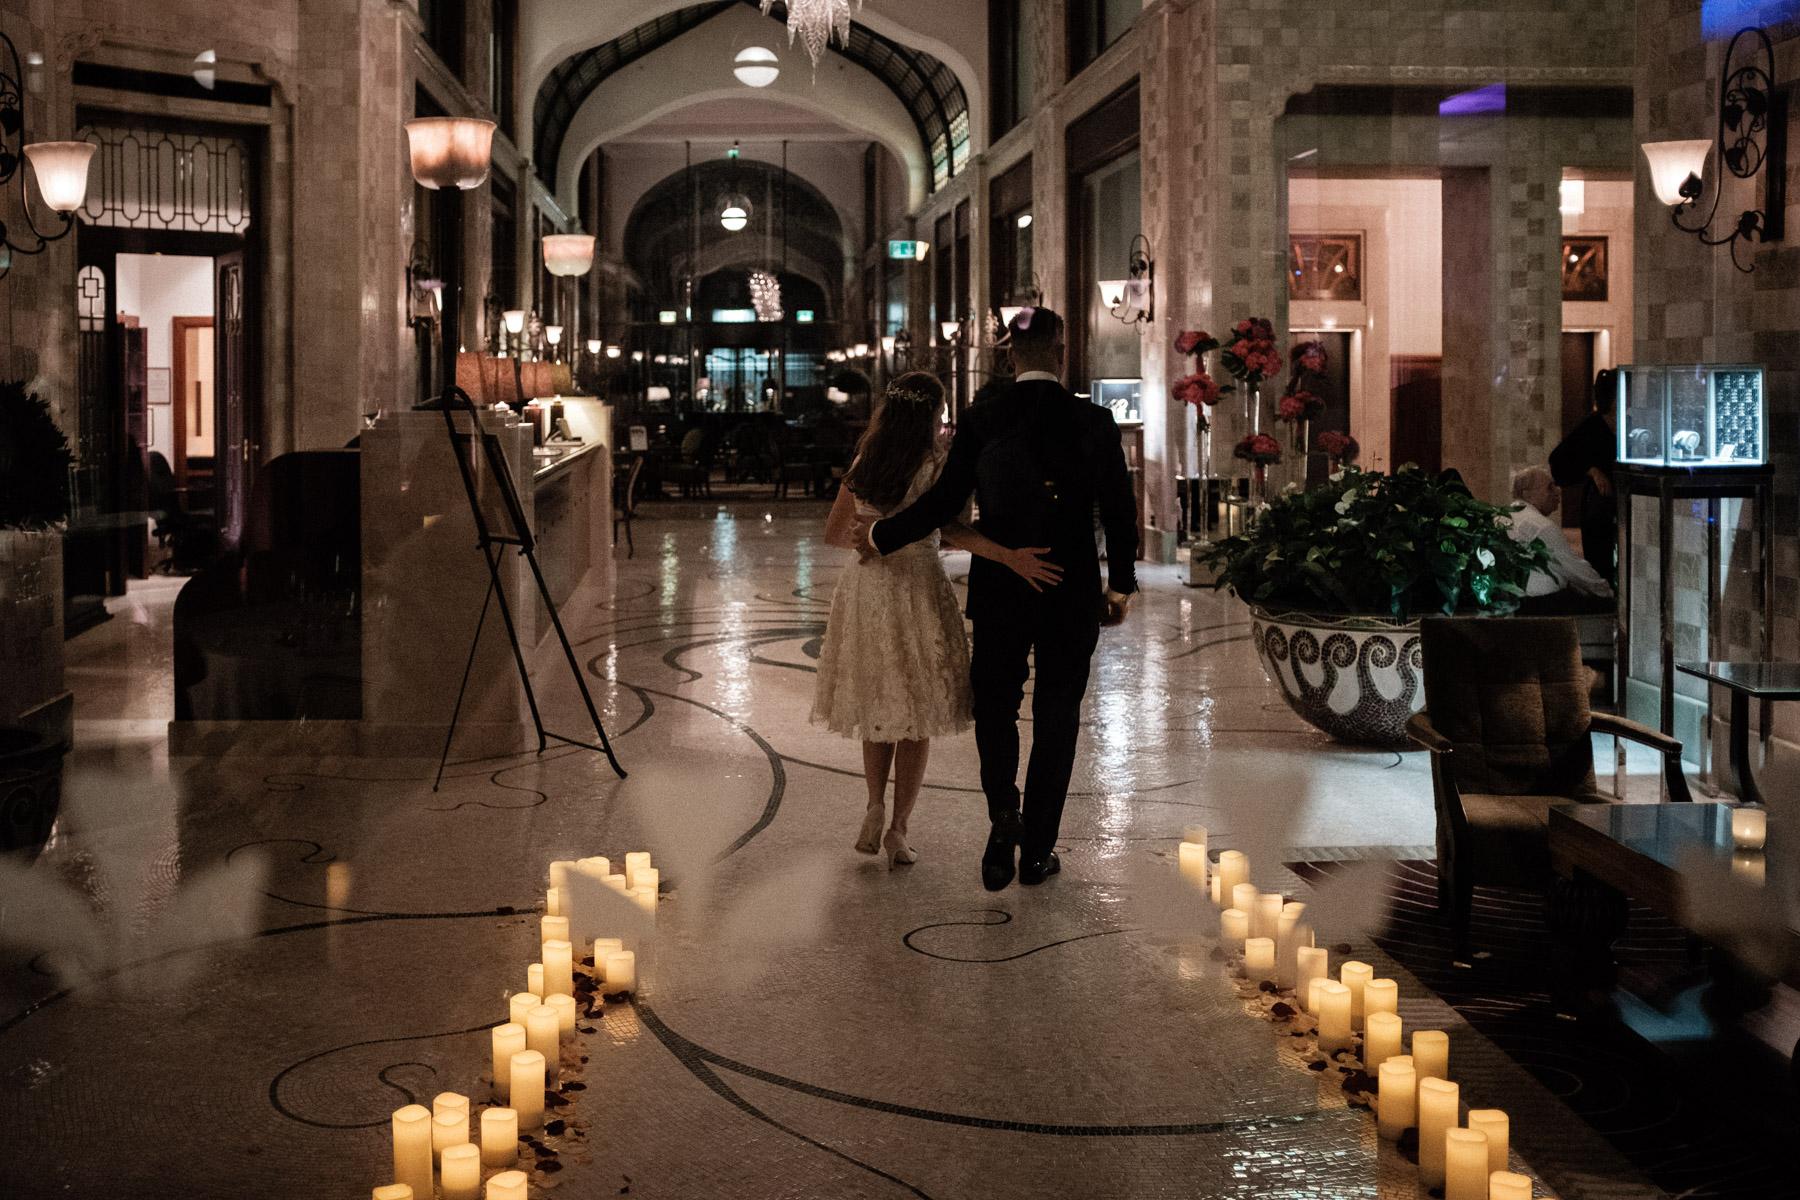 MartinLiebl_Kein_Hochzeitsfotograf_No_Wedding_Photographer_Budapest_Gresham_Palace_093.jpg